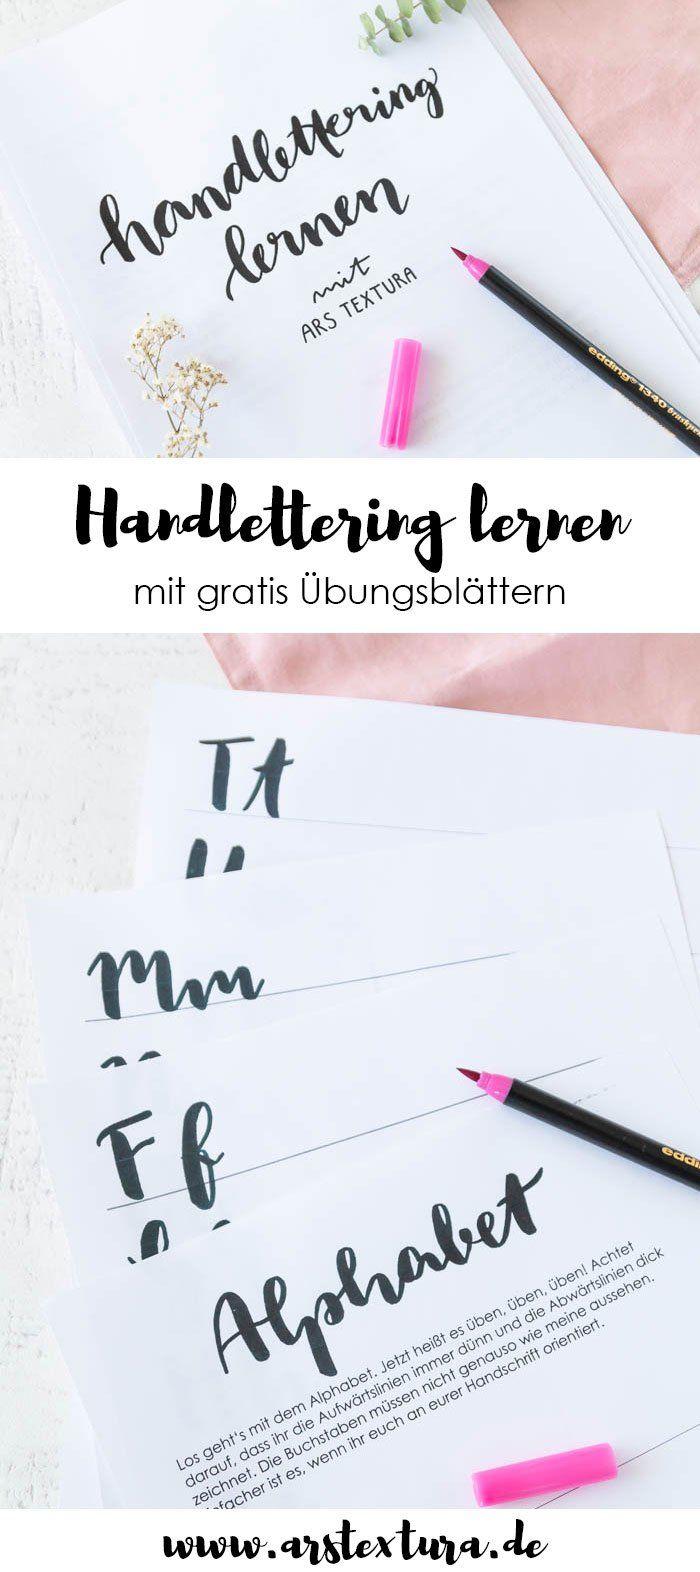 Handlettering – ARS TEXTURA – DIY-Ideen, Deko, Geschenkideen & Rezepte